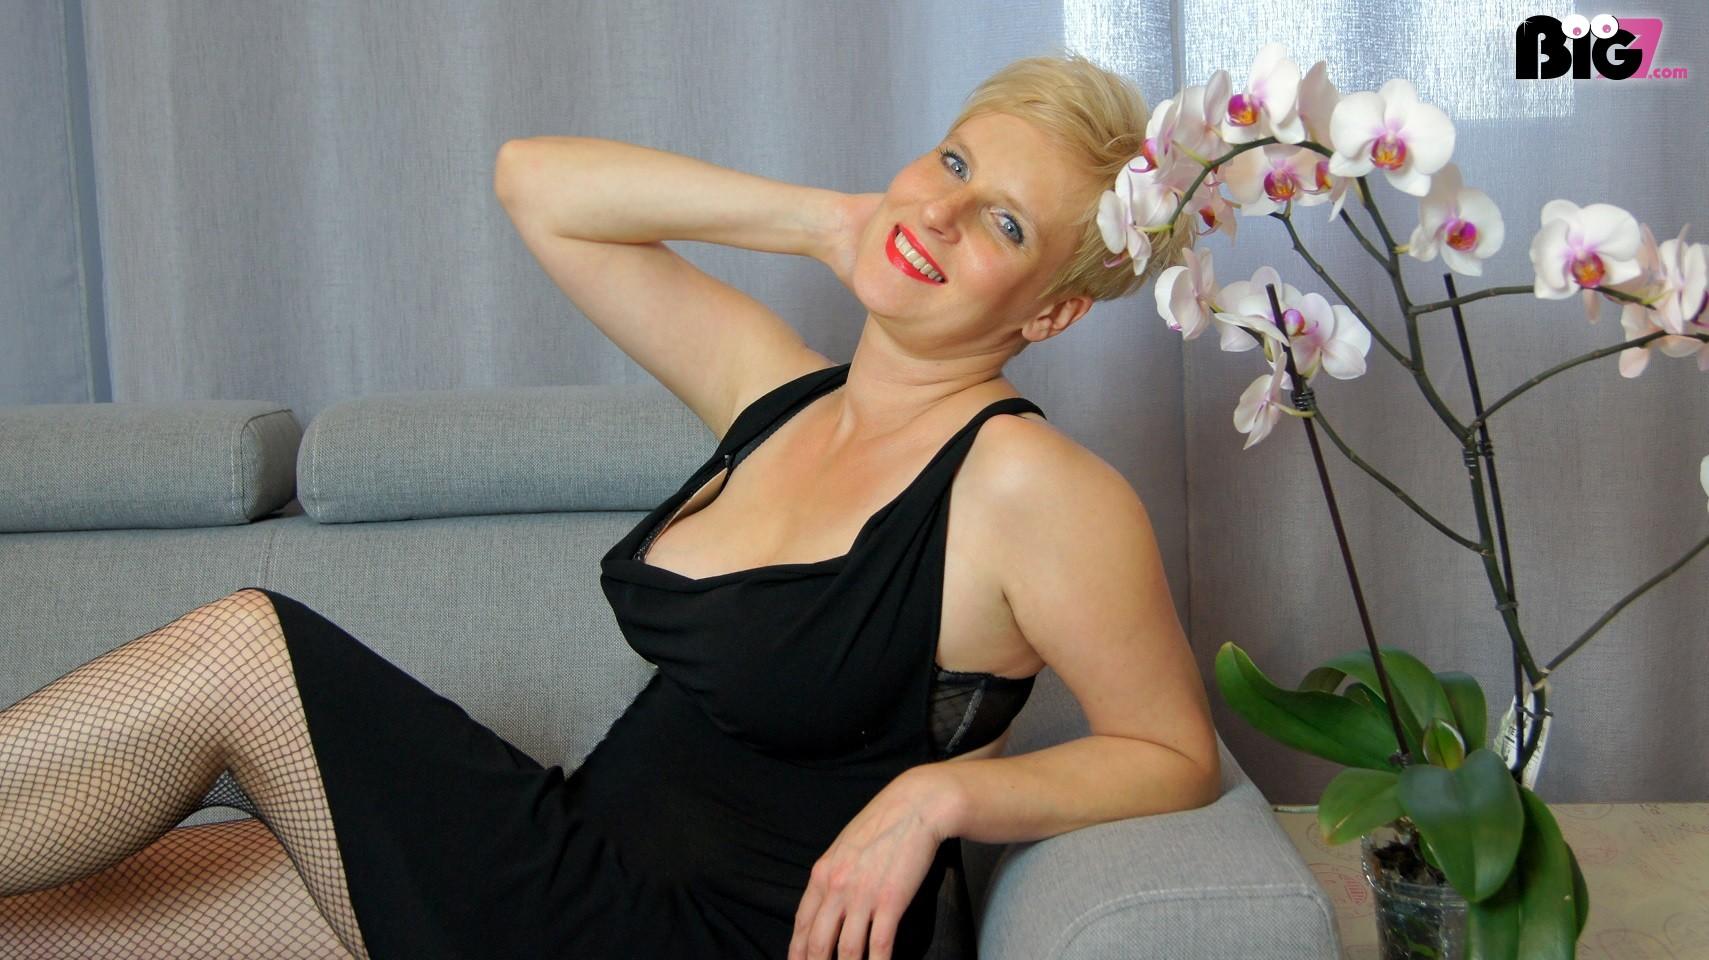 Смотреть фотки зрелых женщин бесплатно, Порно фото мам, зрелых женщин 29 фотография